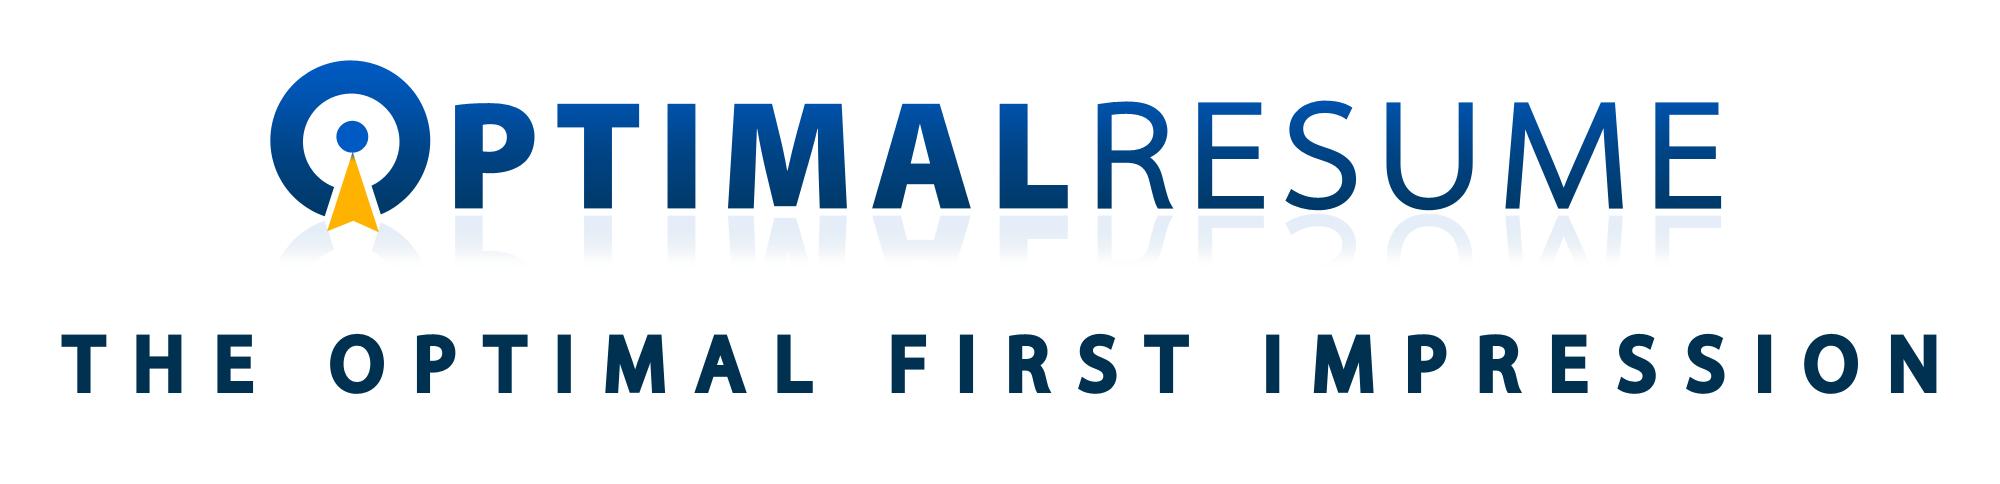 optimal resume logo